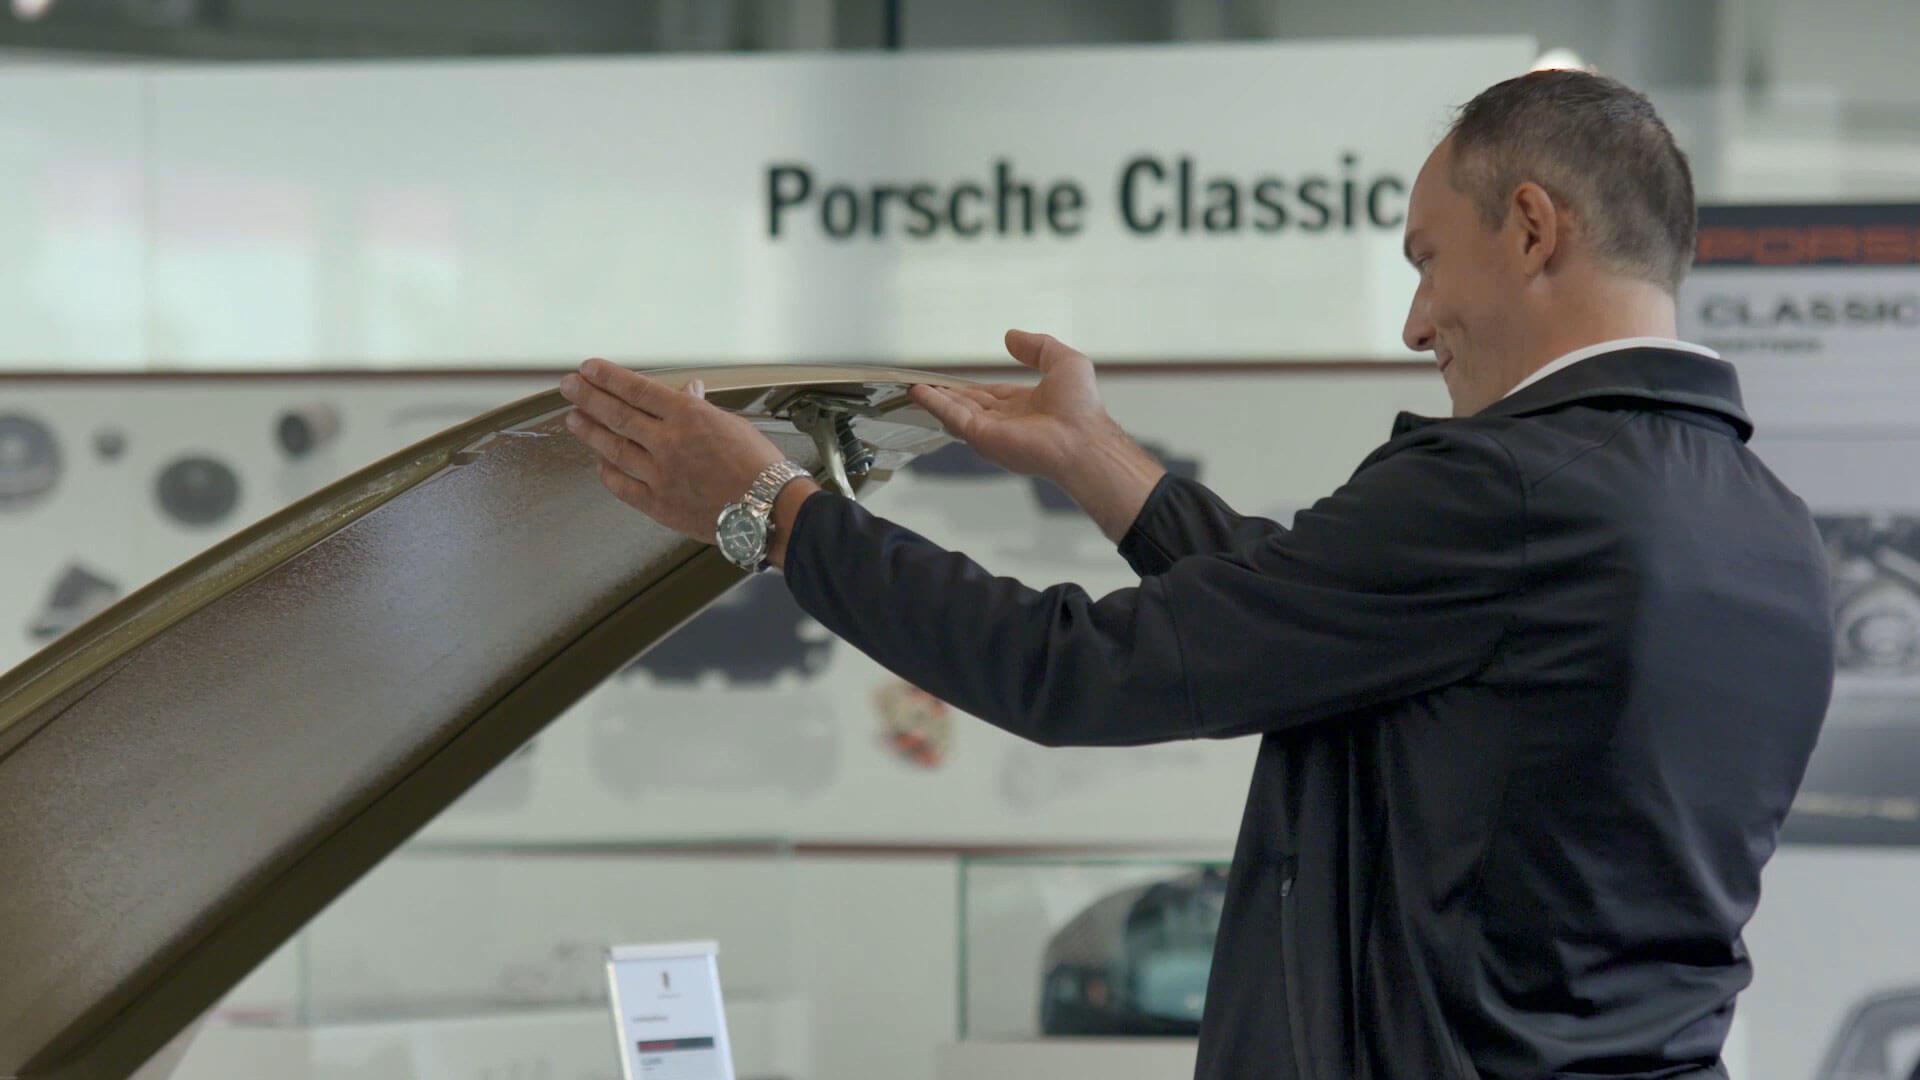 Ihr professionell erstellter Werbefilm wird produziert von der POLYCHROM Medienproduktion Stuttgart.